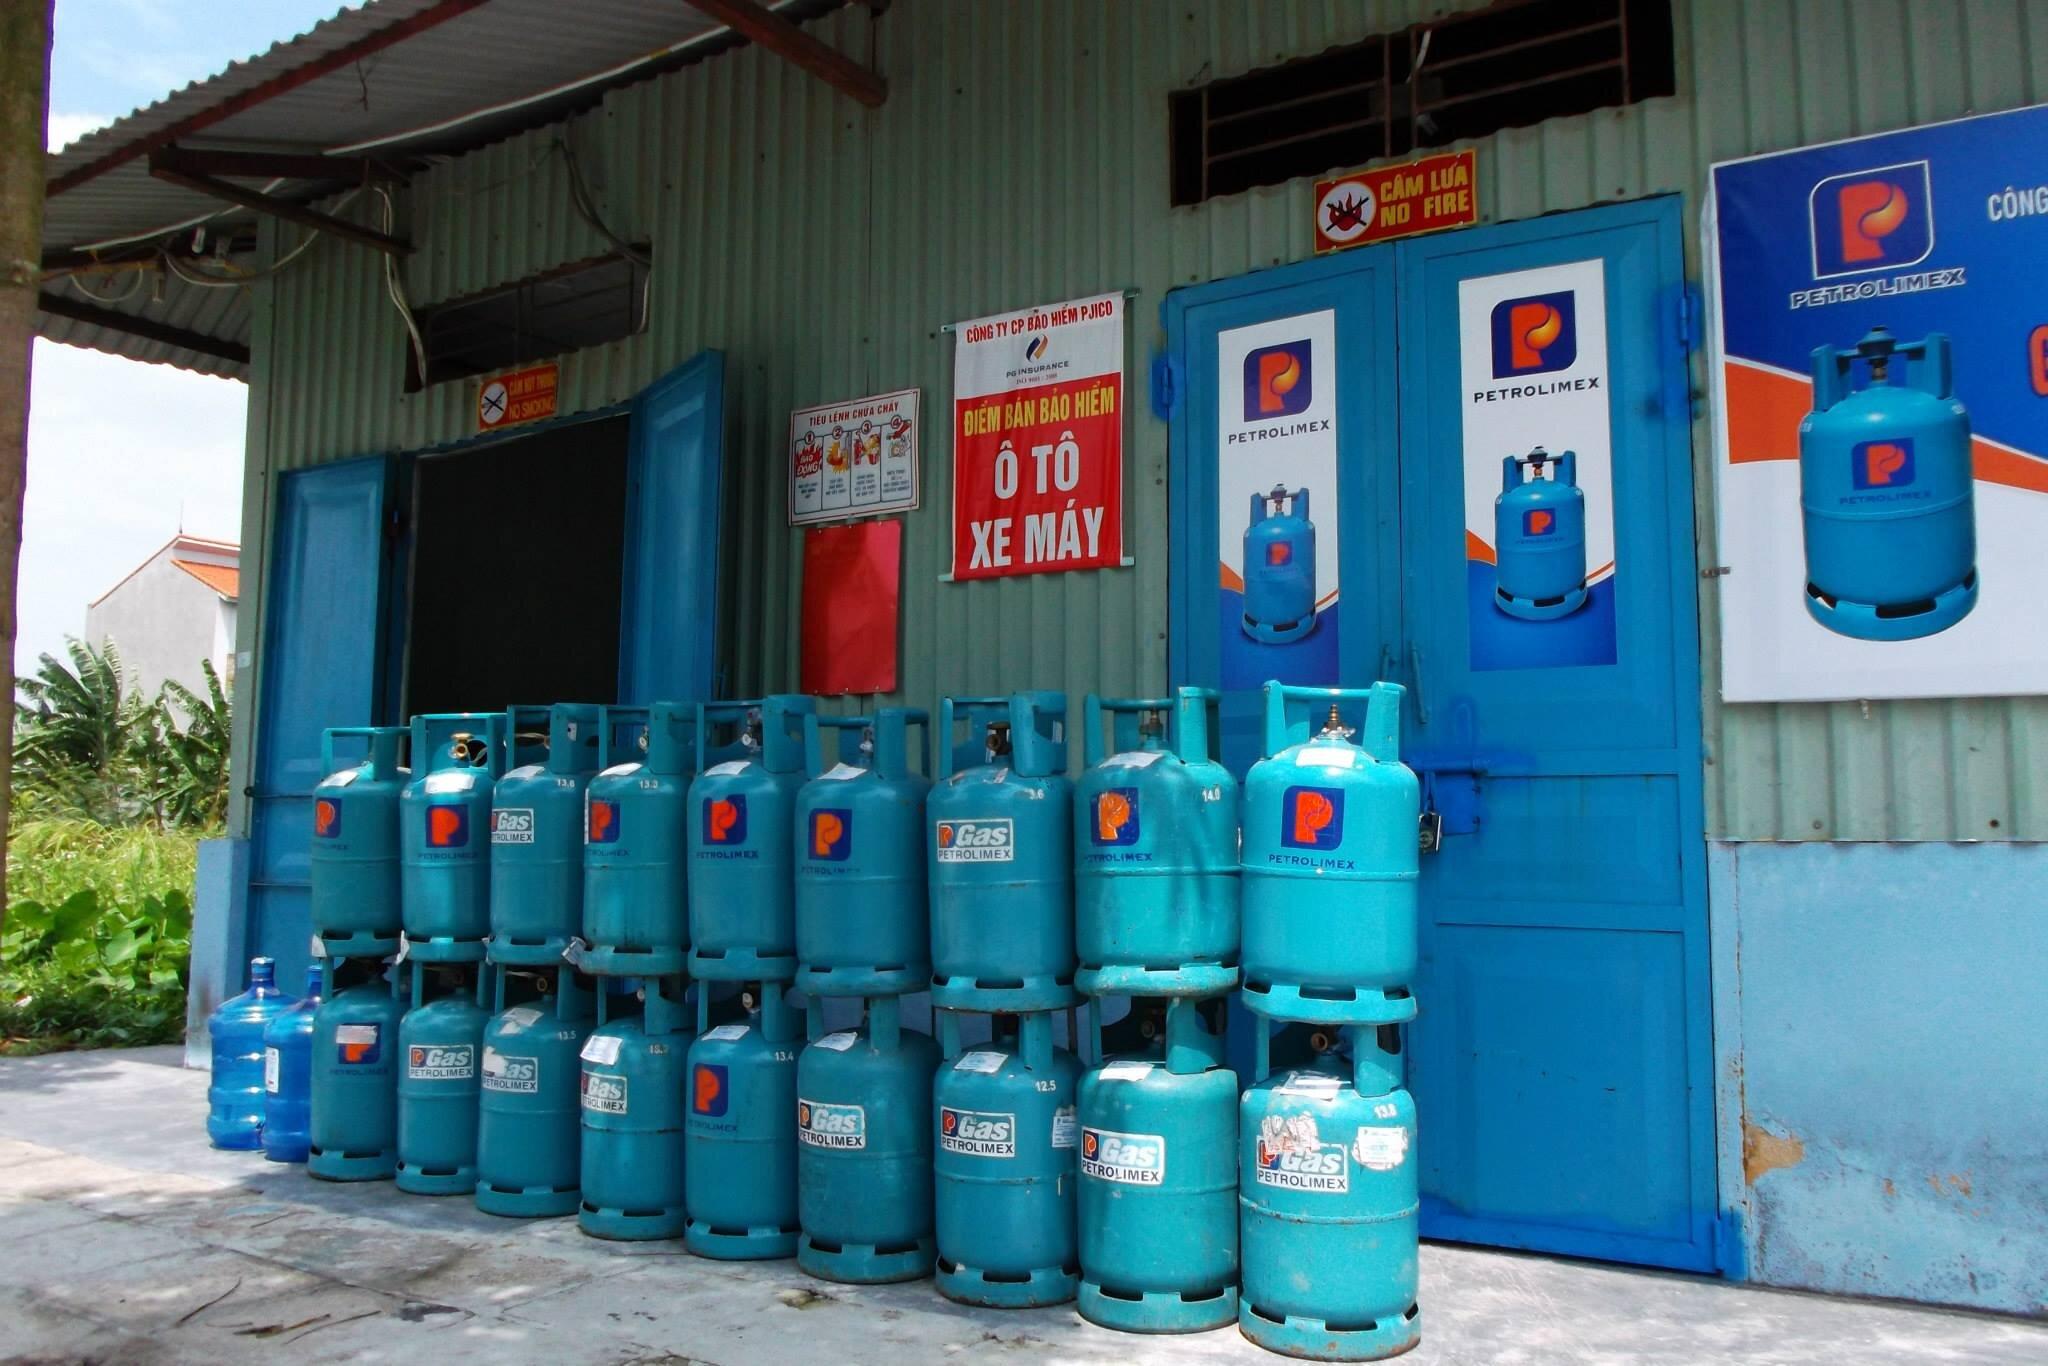 Tổng hợp các đại lý ủy nhiệm gas Petrolimex chính hãng tại thành phố Hồ Chí Minh